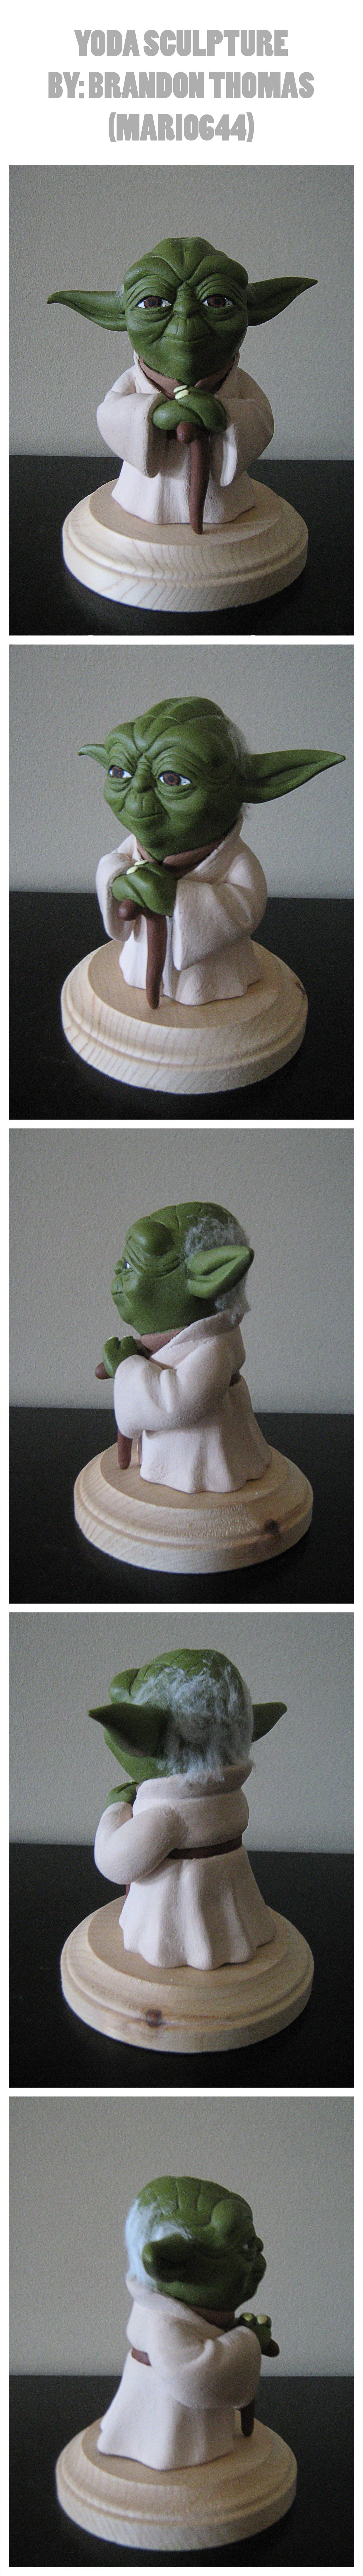 Yoda Sculpture